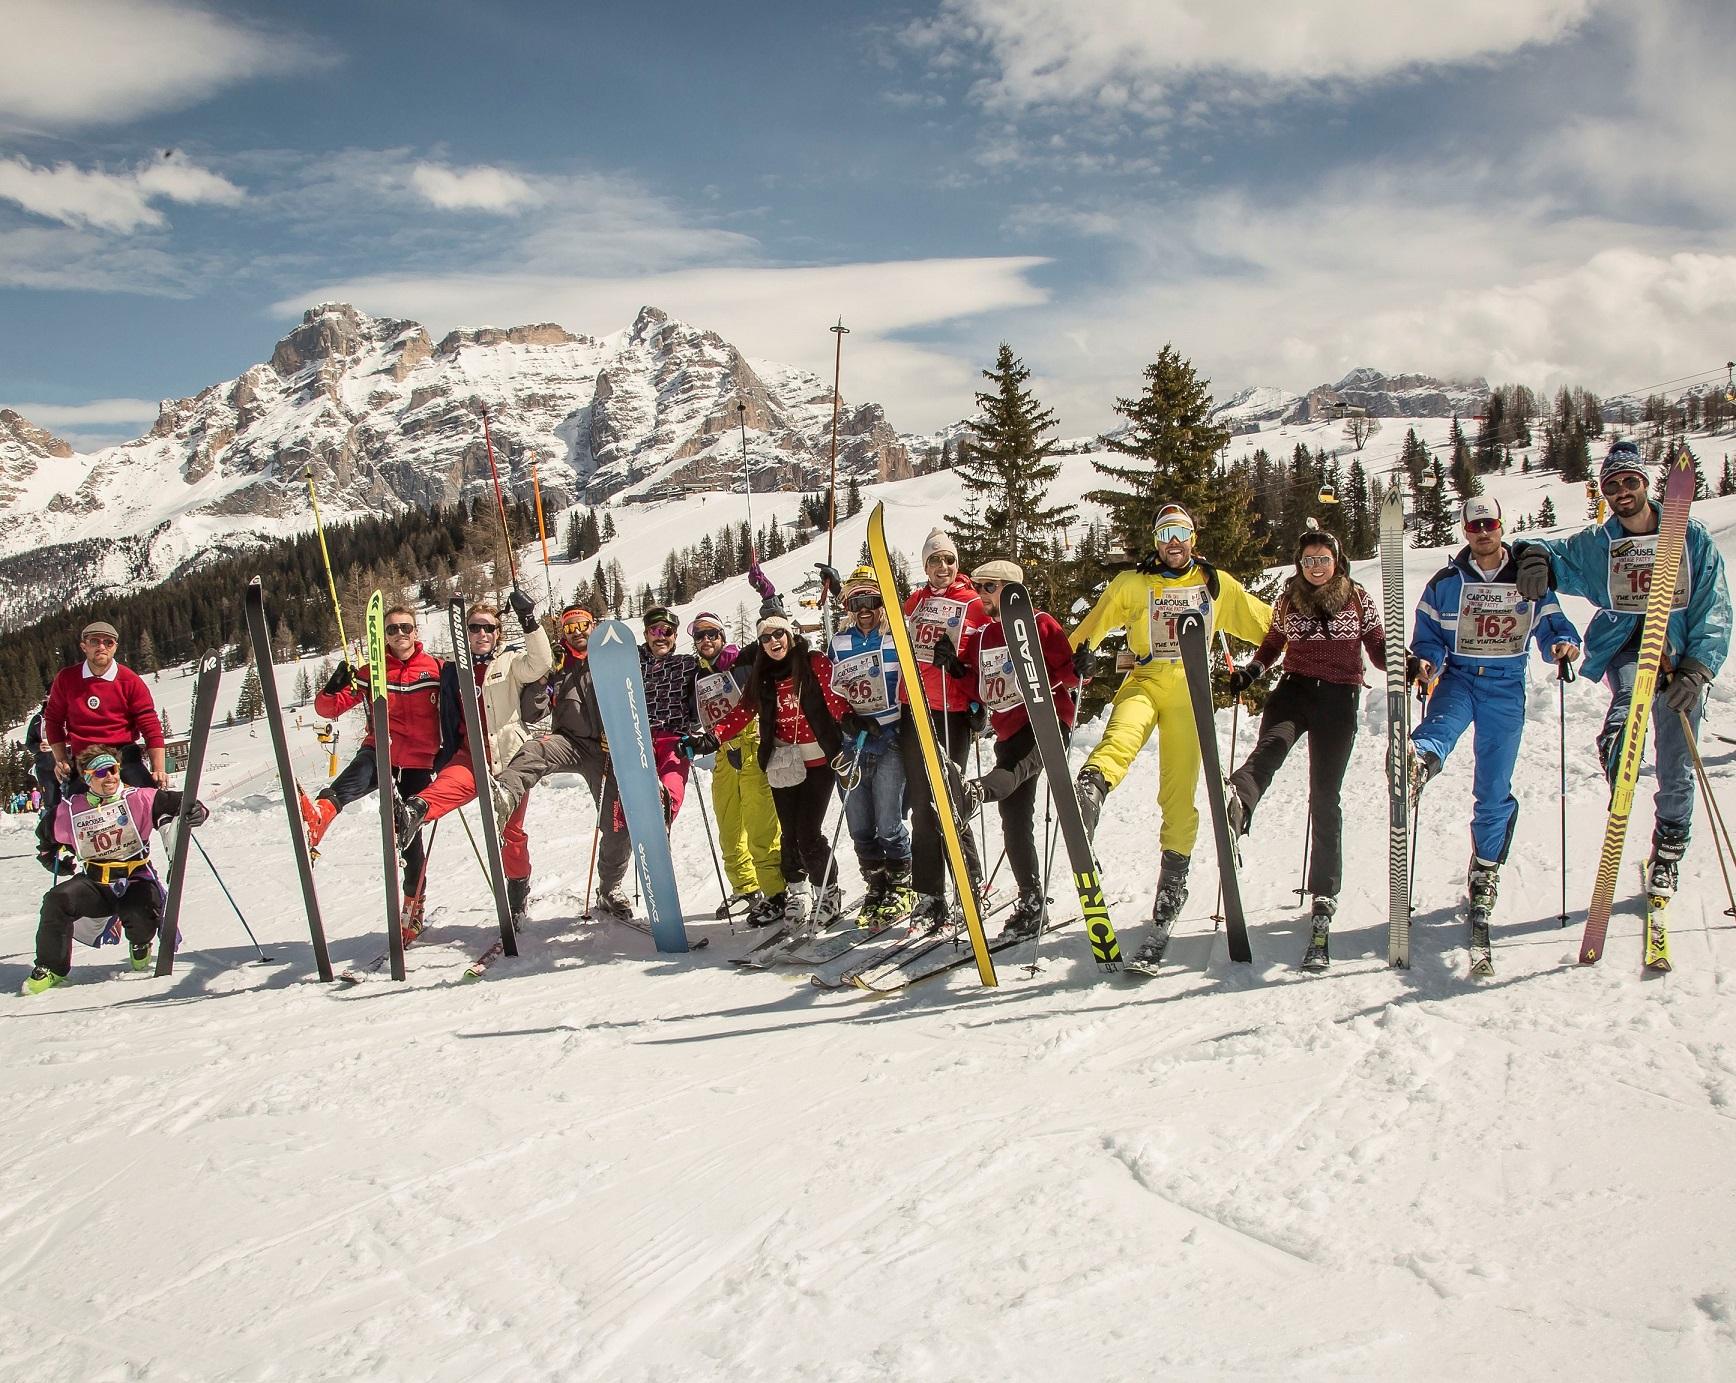 Dangers of ski fun in the sun